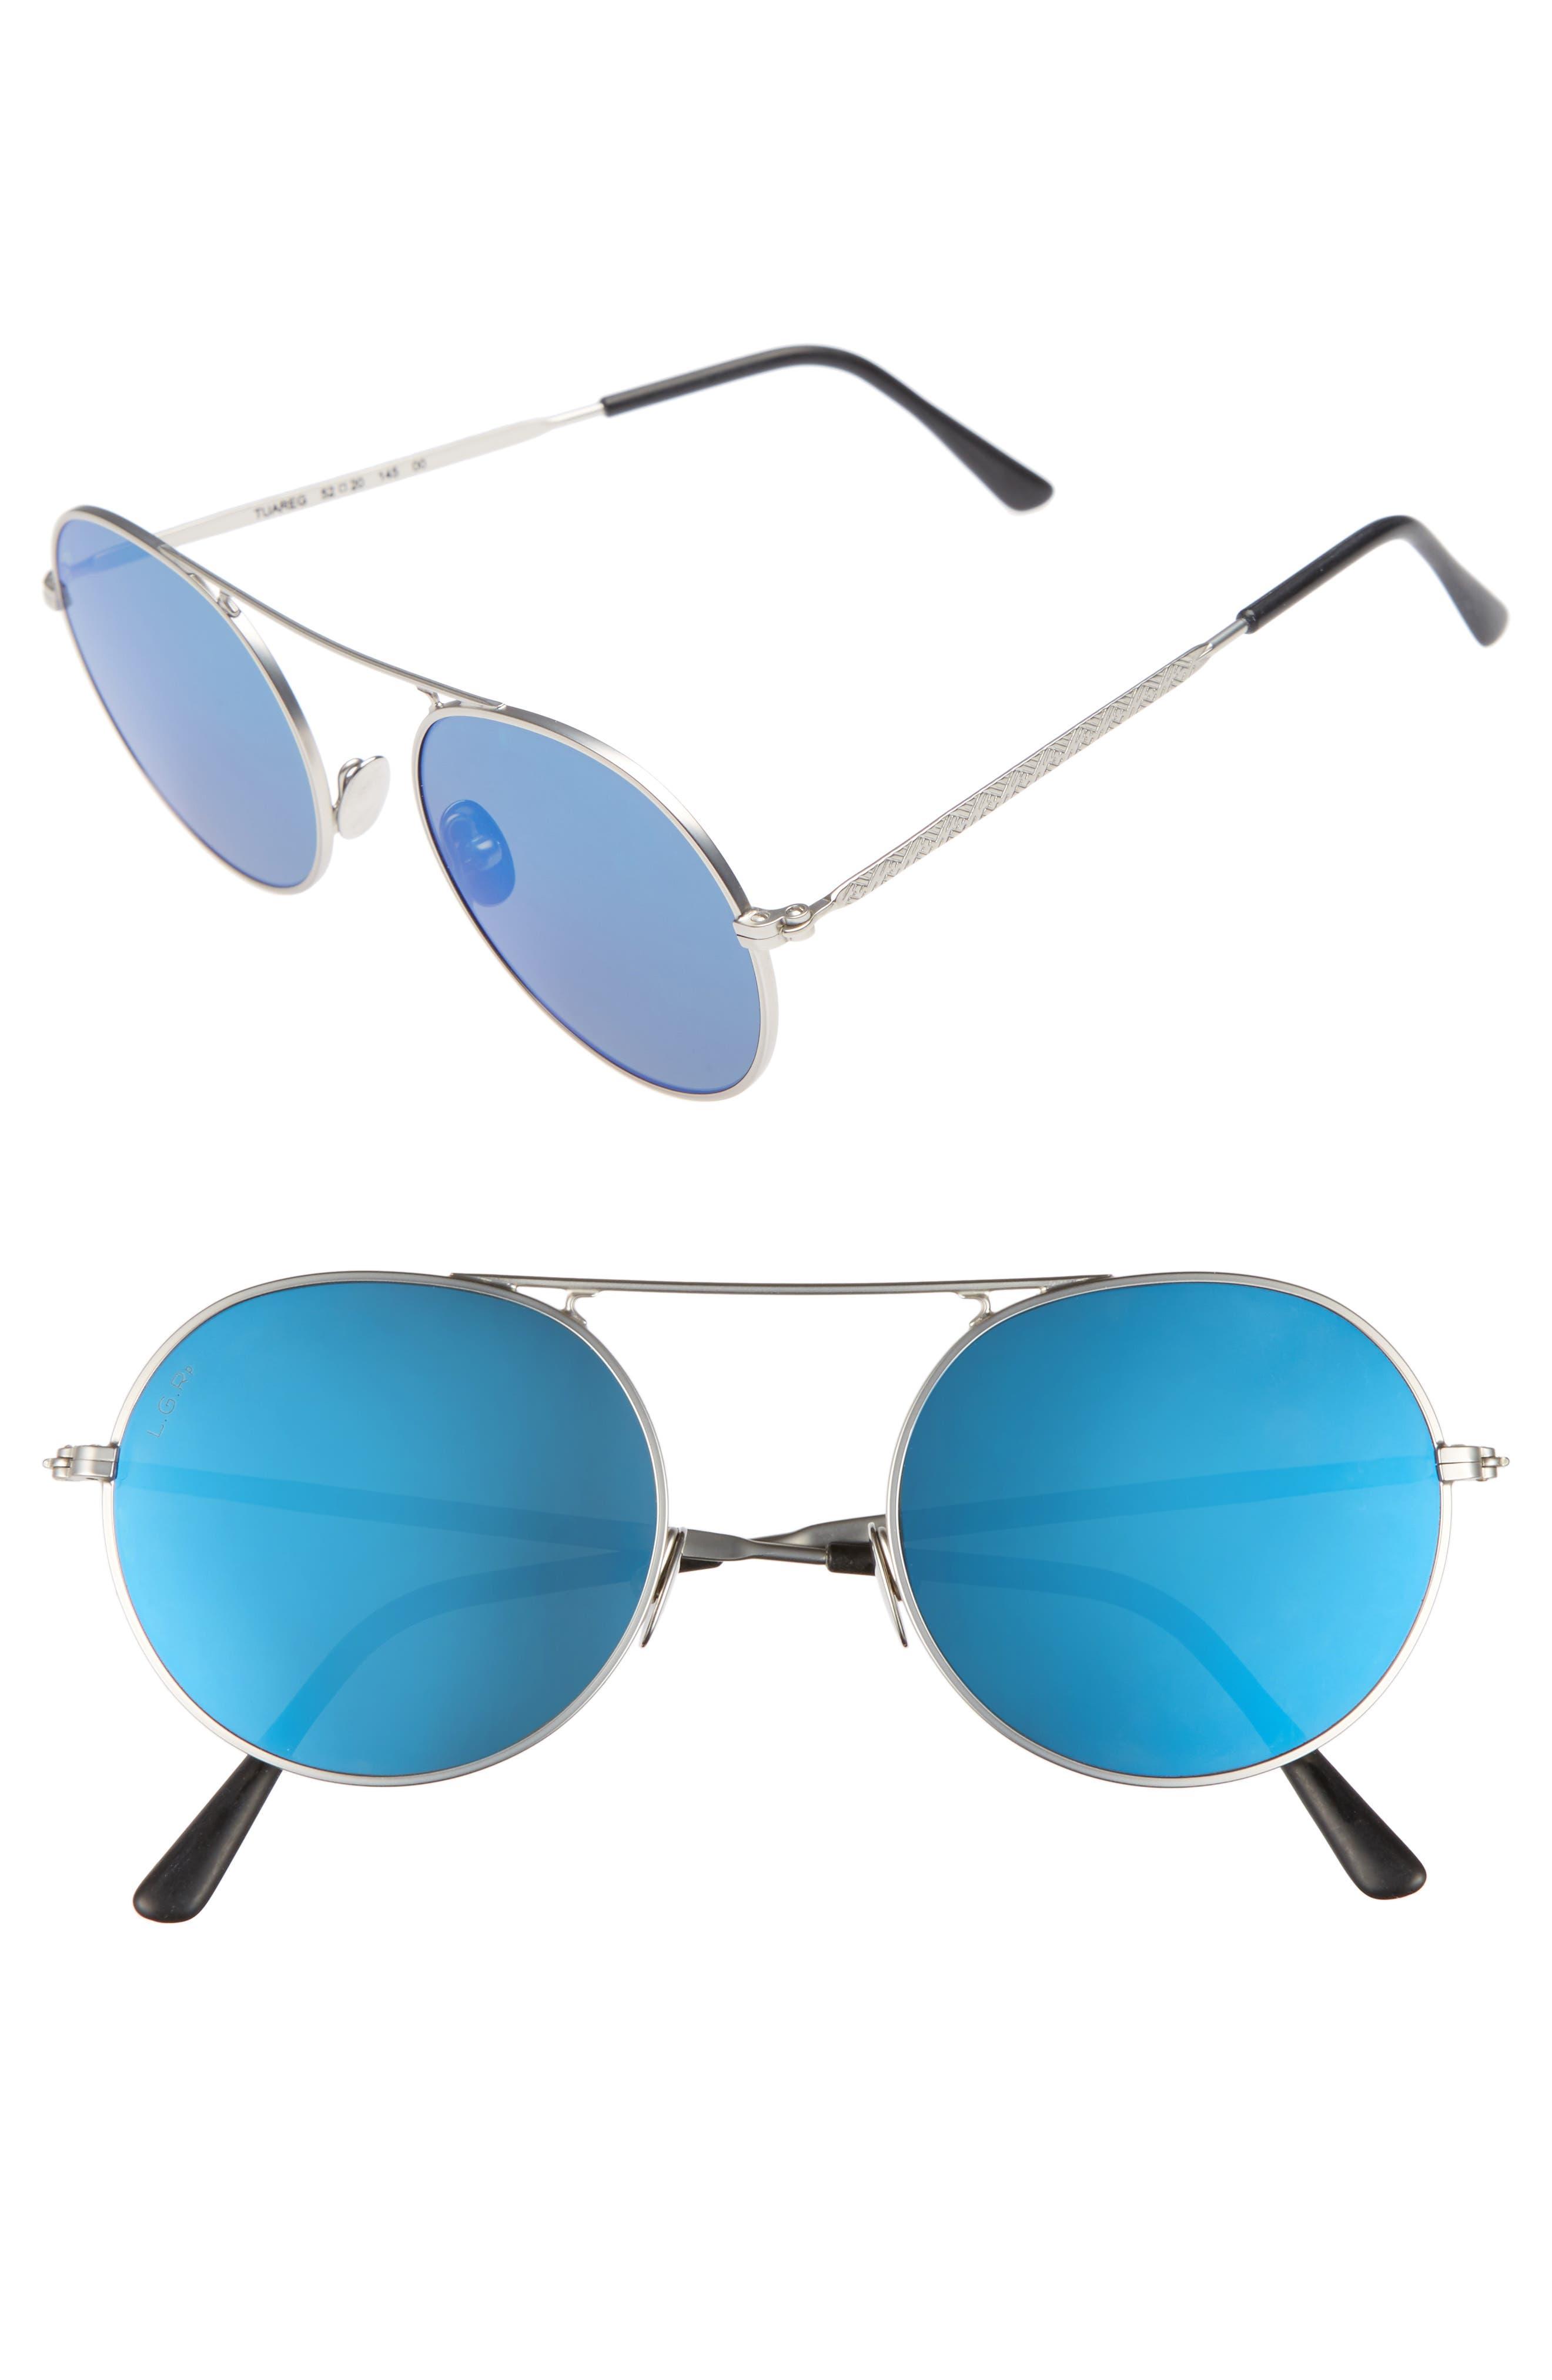 Tuareg 52mm Polarized Sunglasses,                             Main thumbnail 1, color,                             040